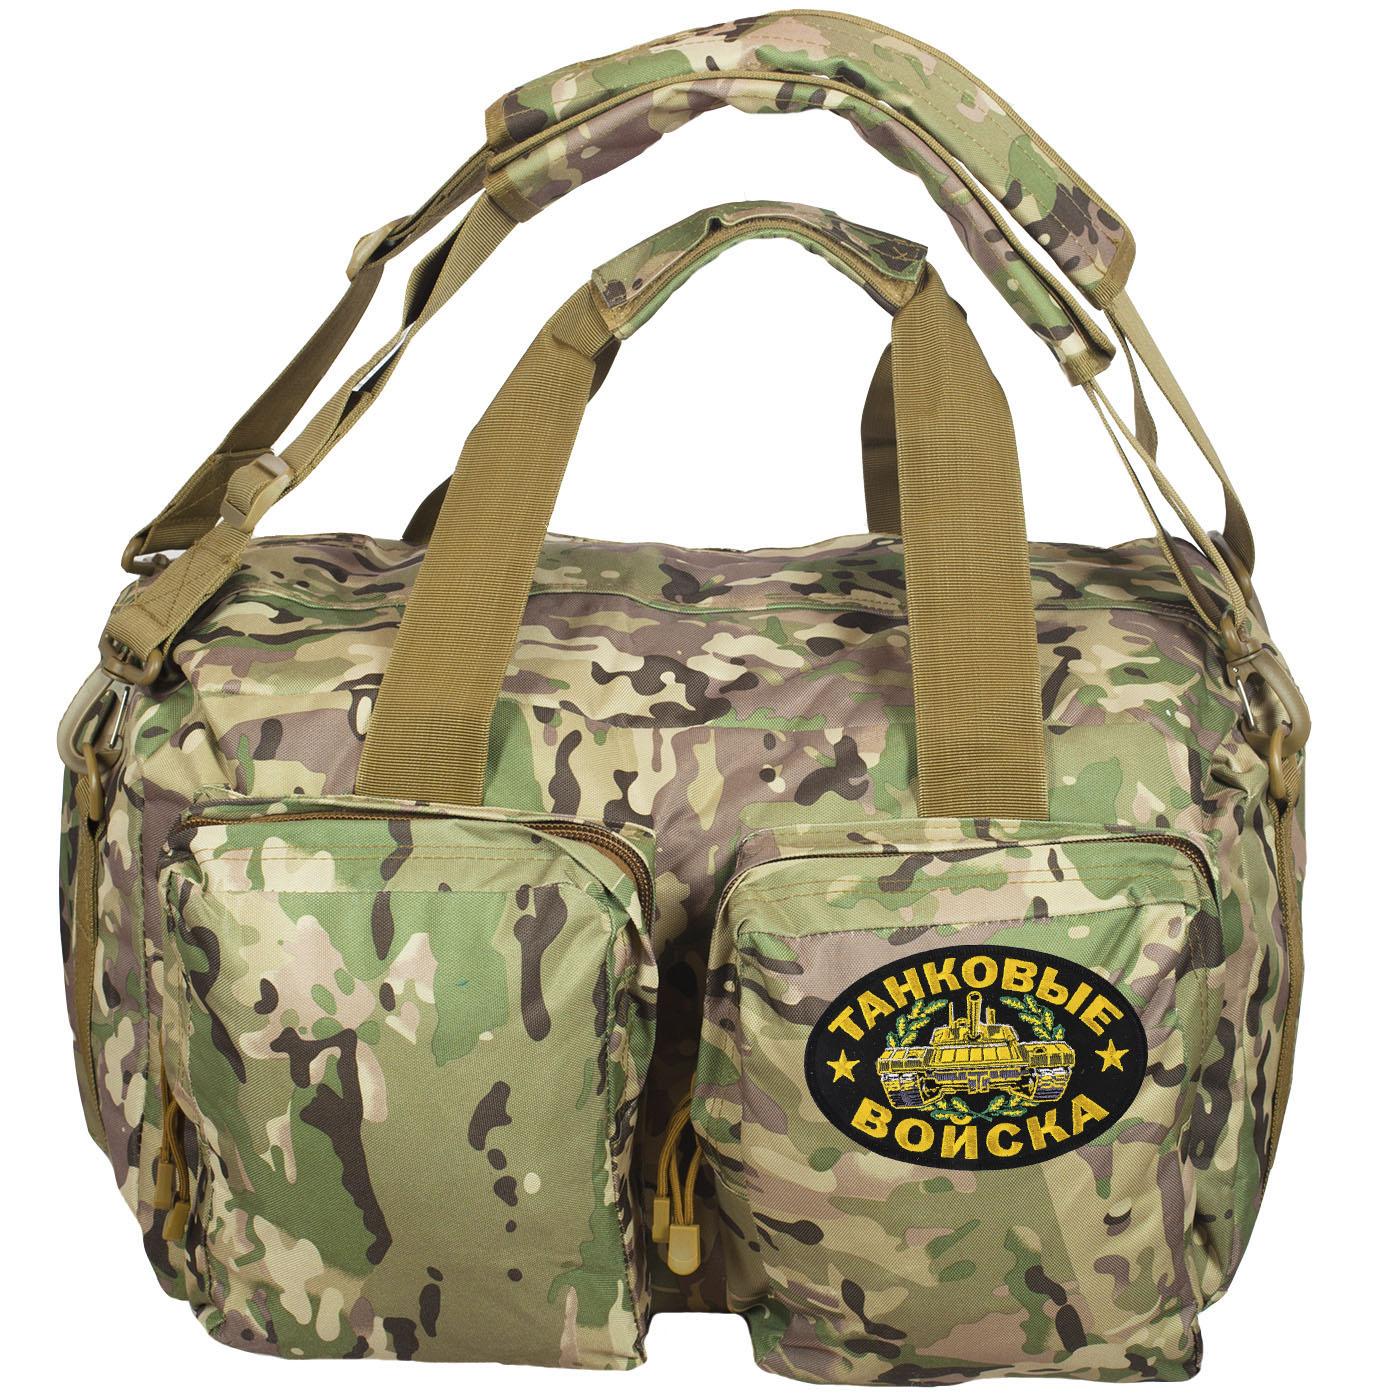 Надежная камуфляжная сумка с нашивкой Танковые Войска